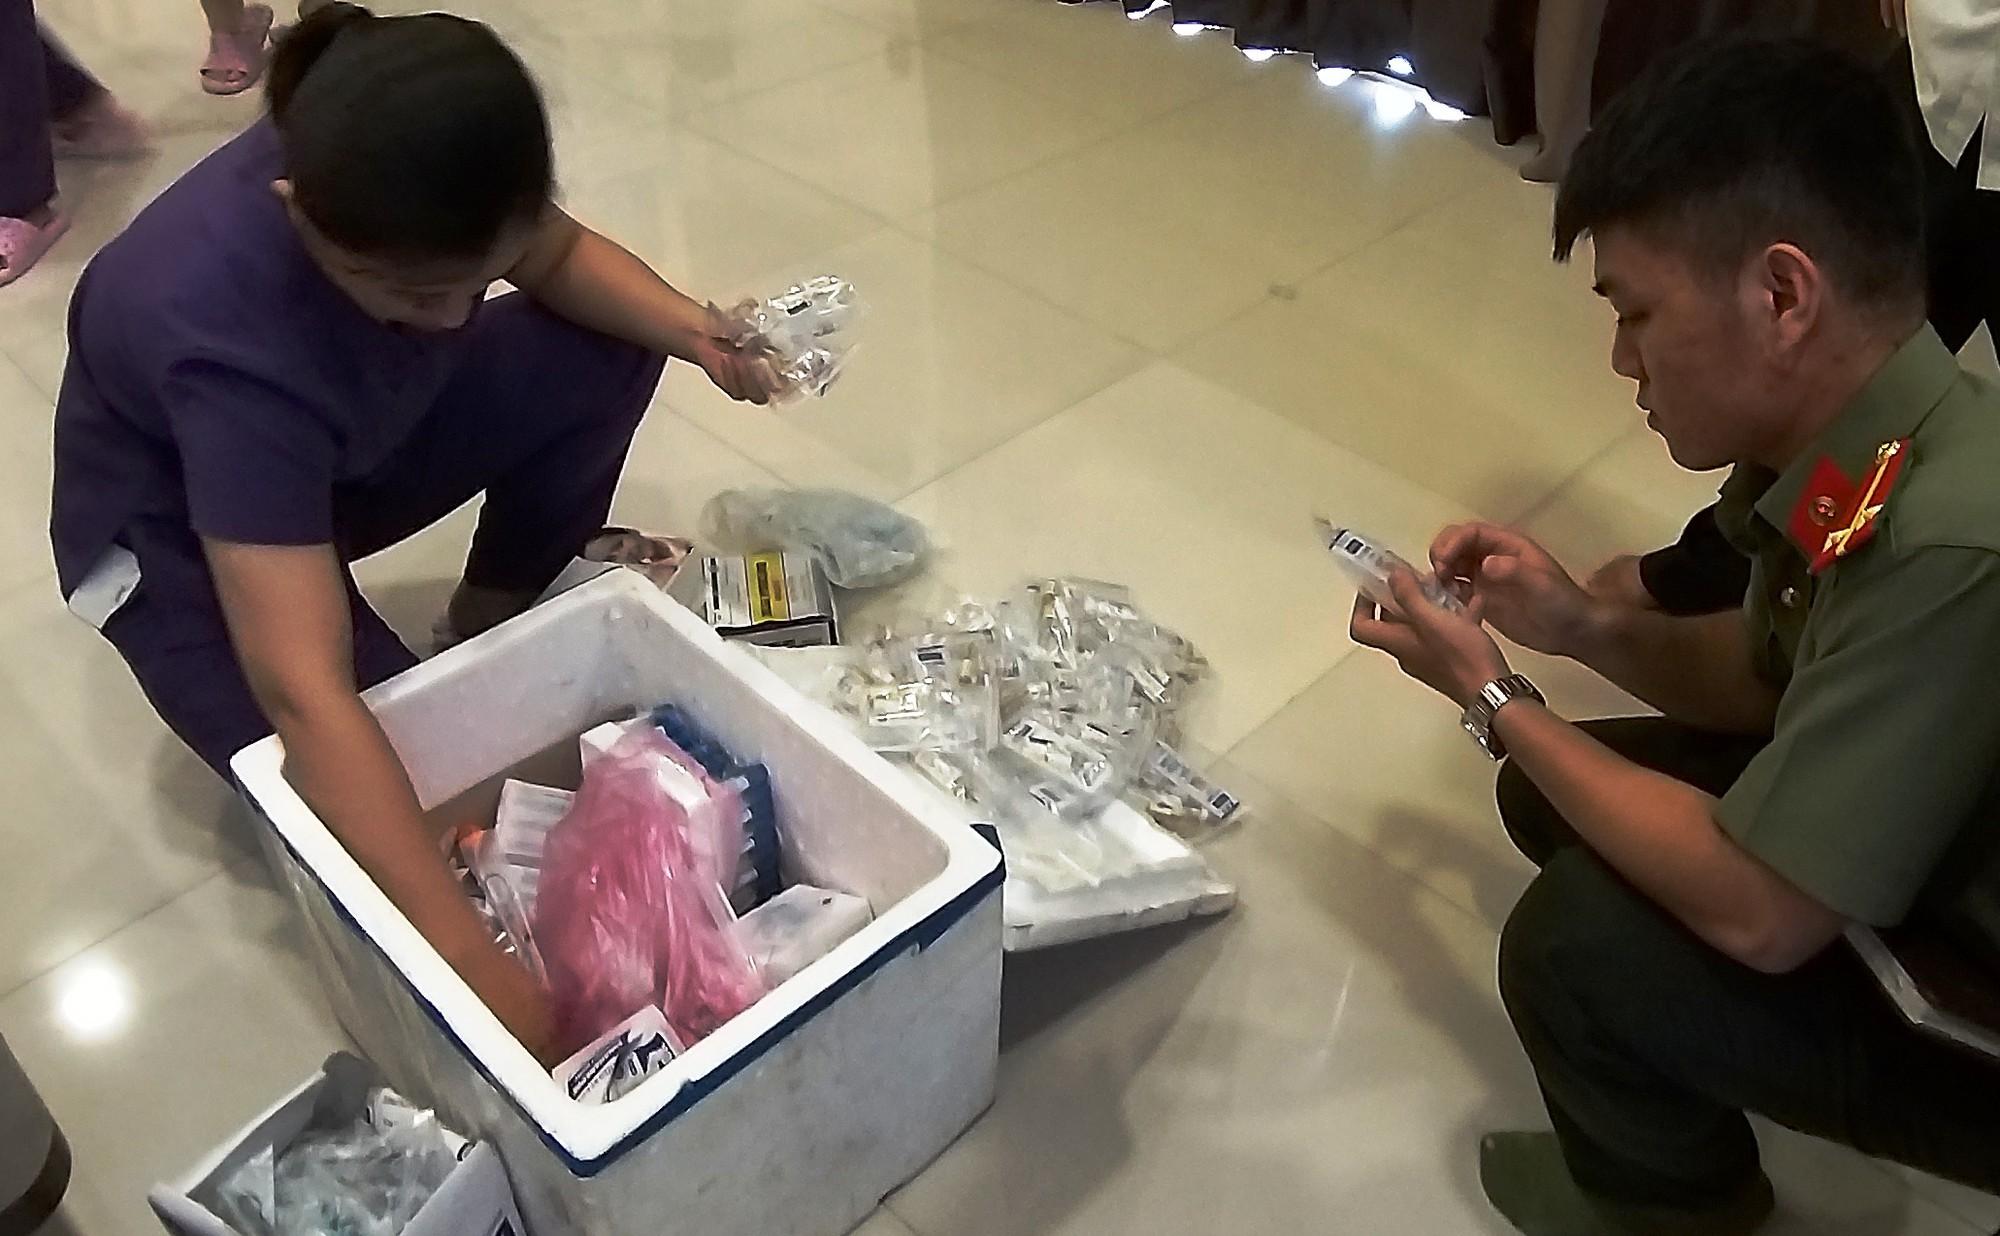 VZN News: 7 phụ nữ kéo đến thẩm mỹ viện ở Đà Nẵng đòi lại tiền vì... làm hoài mà không thấy đẹp - Ảnh 2.